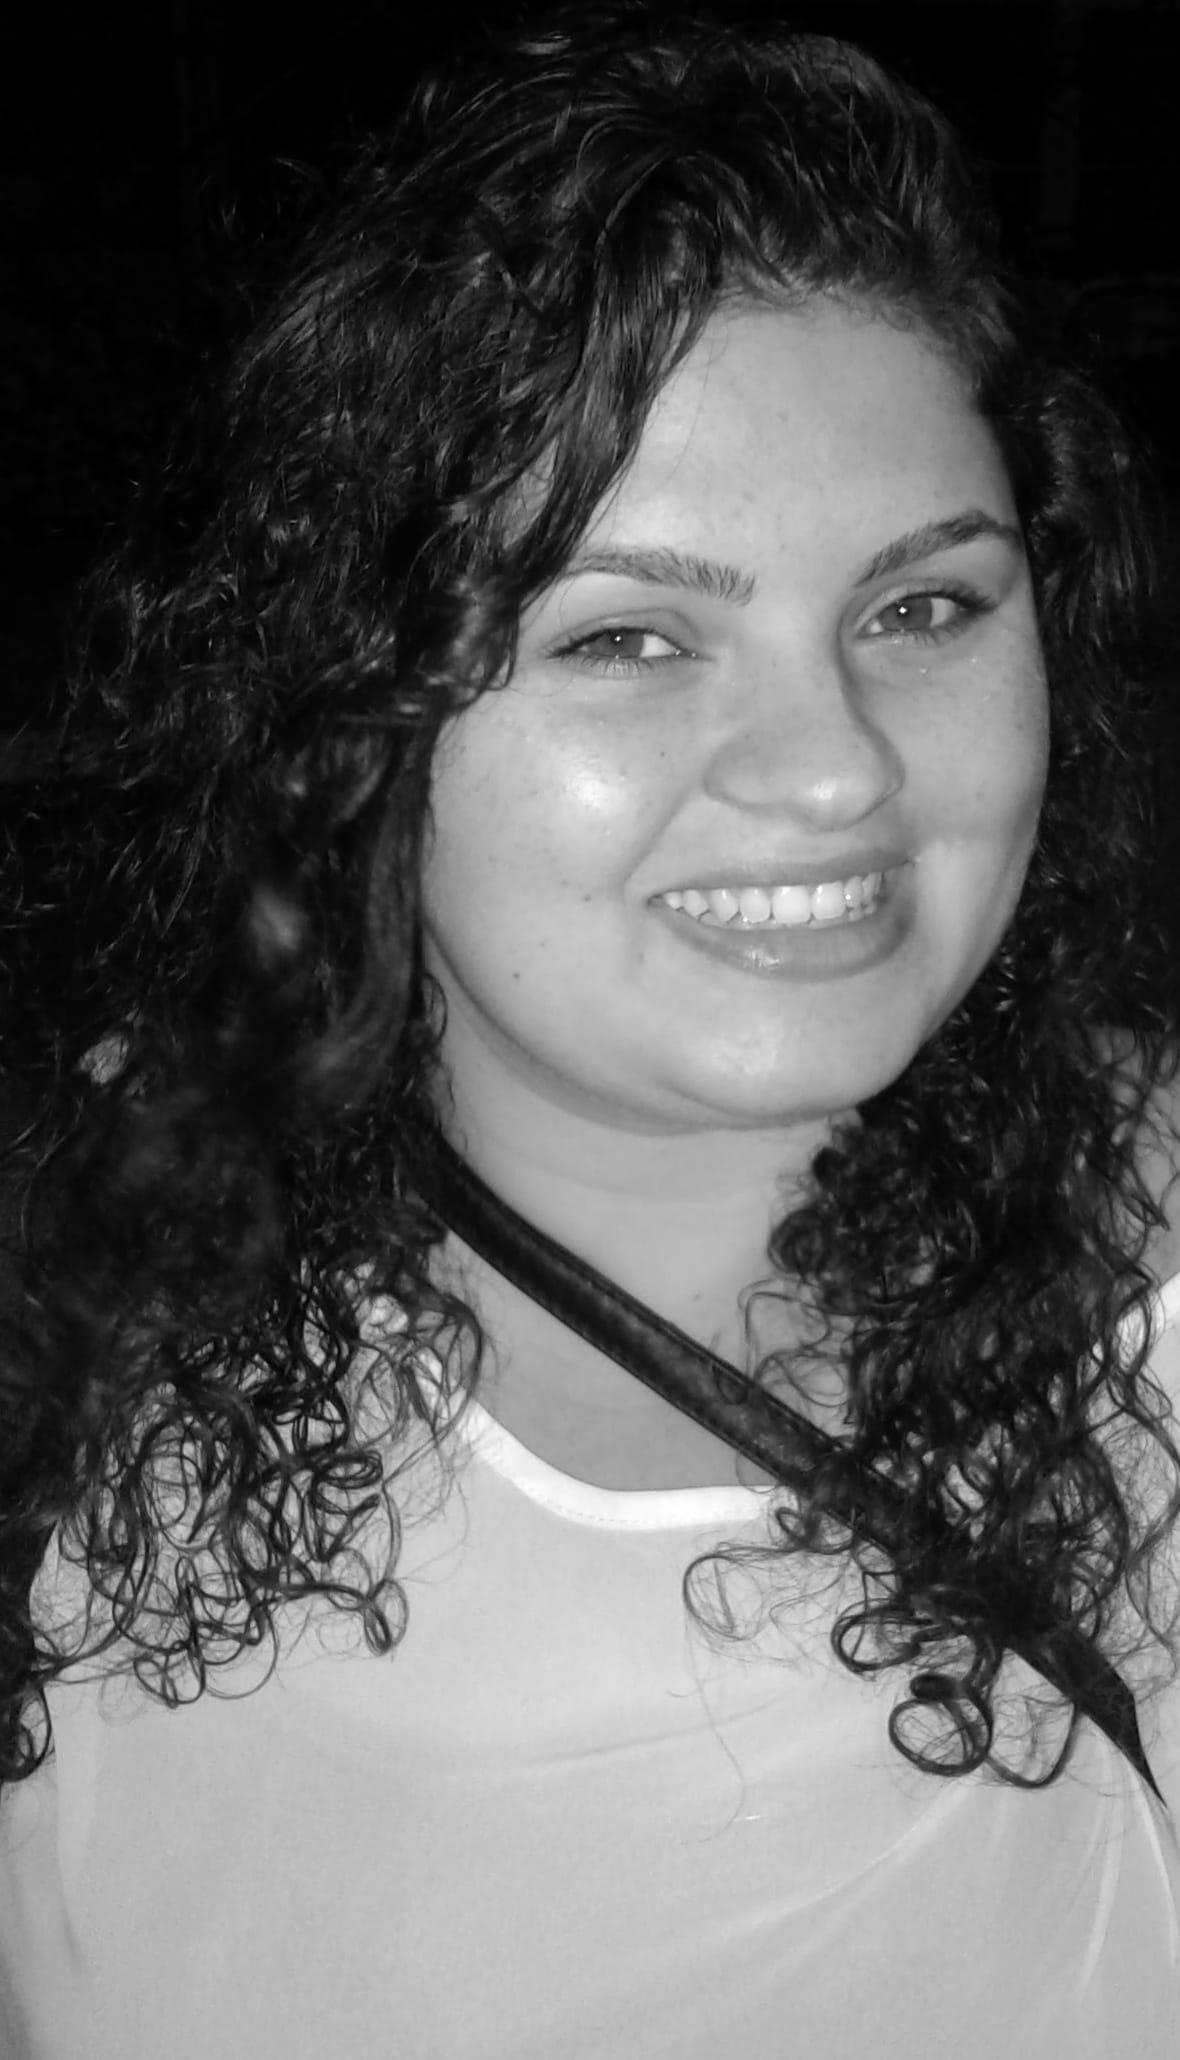 cursos de decoracao de interiores no porto:Rita Corrassa, designer de interiores online e em Porto Alegre